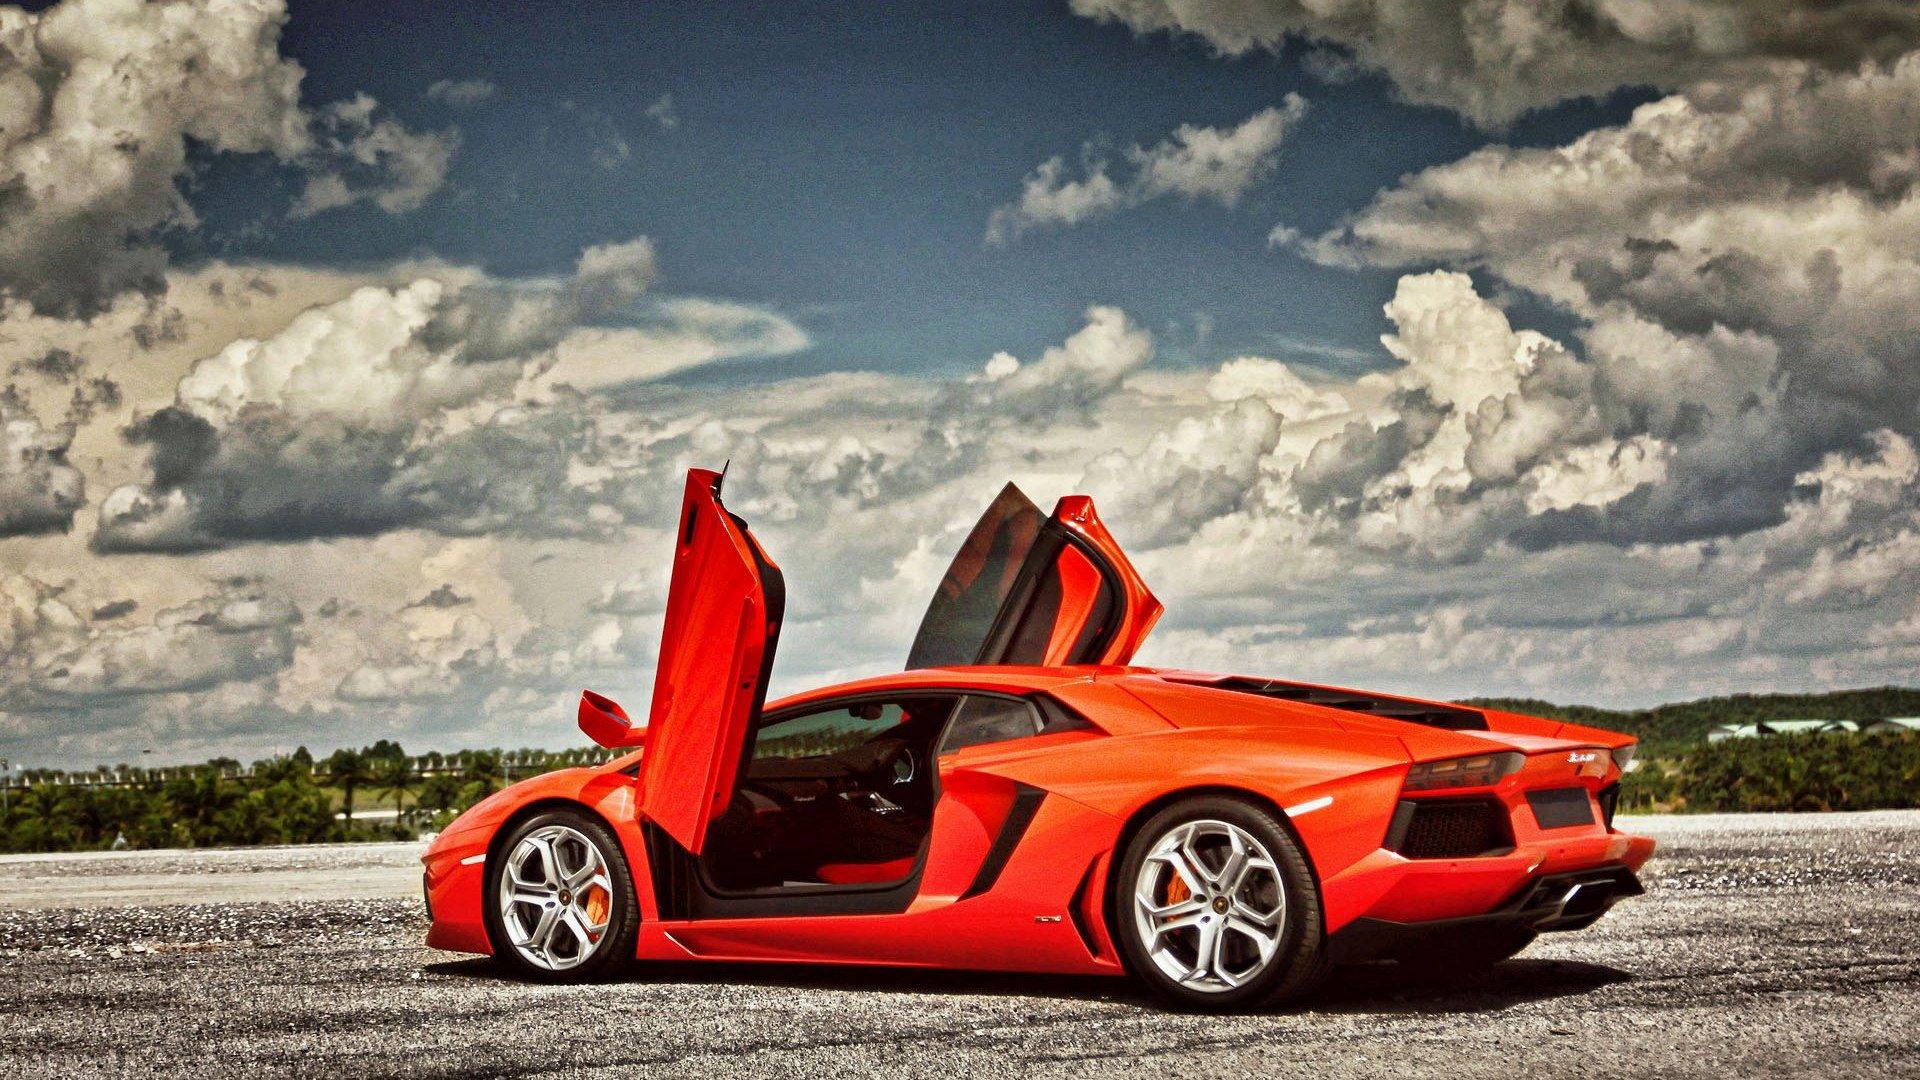 Harga Mobil Lamborghini: Daftar Harga Mobil Lamborghini Di Indonesia